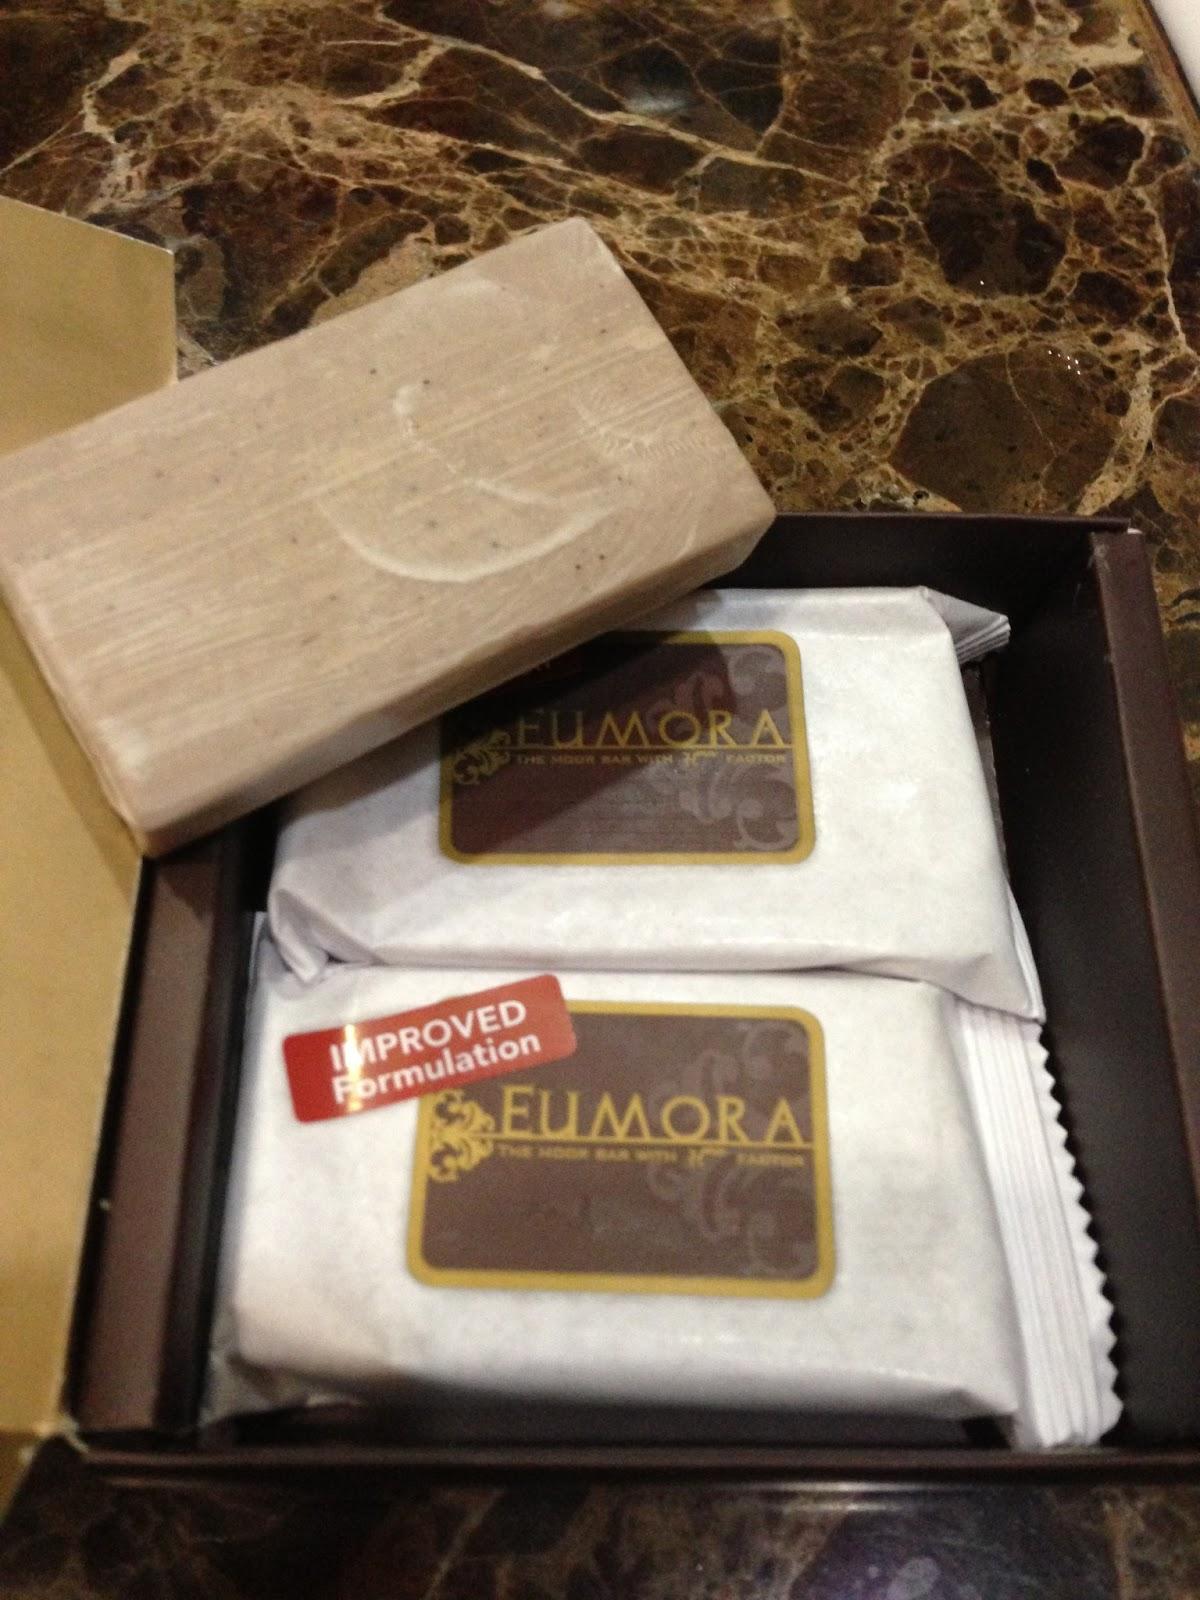 Eumora facial bar price